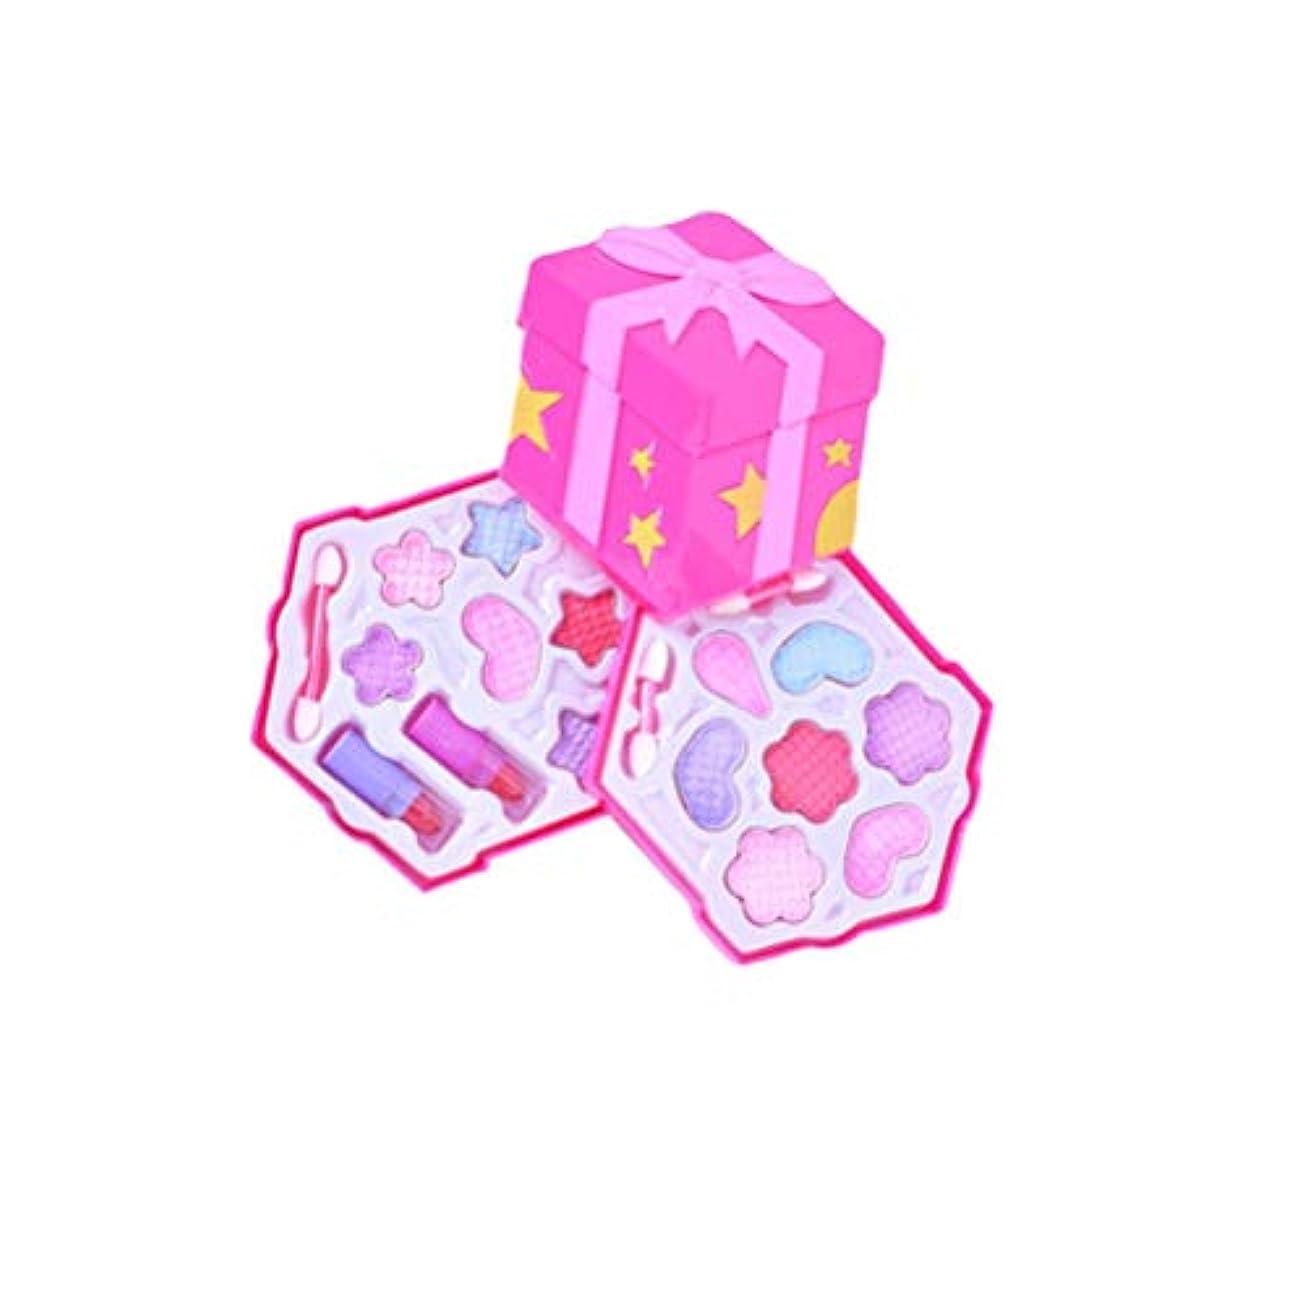 YeahiBaby 女の子化粧品プレイセットウォッシャブル非毒性プリンセスリアルメイクおもちゃキット付きケース